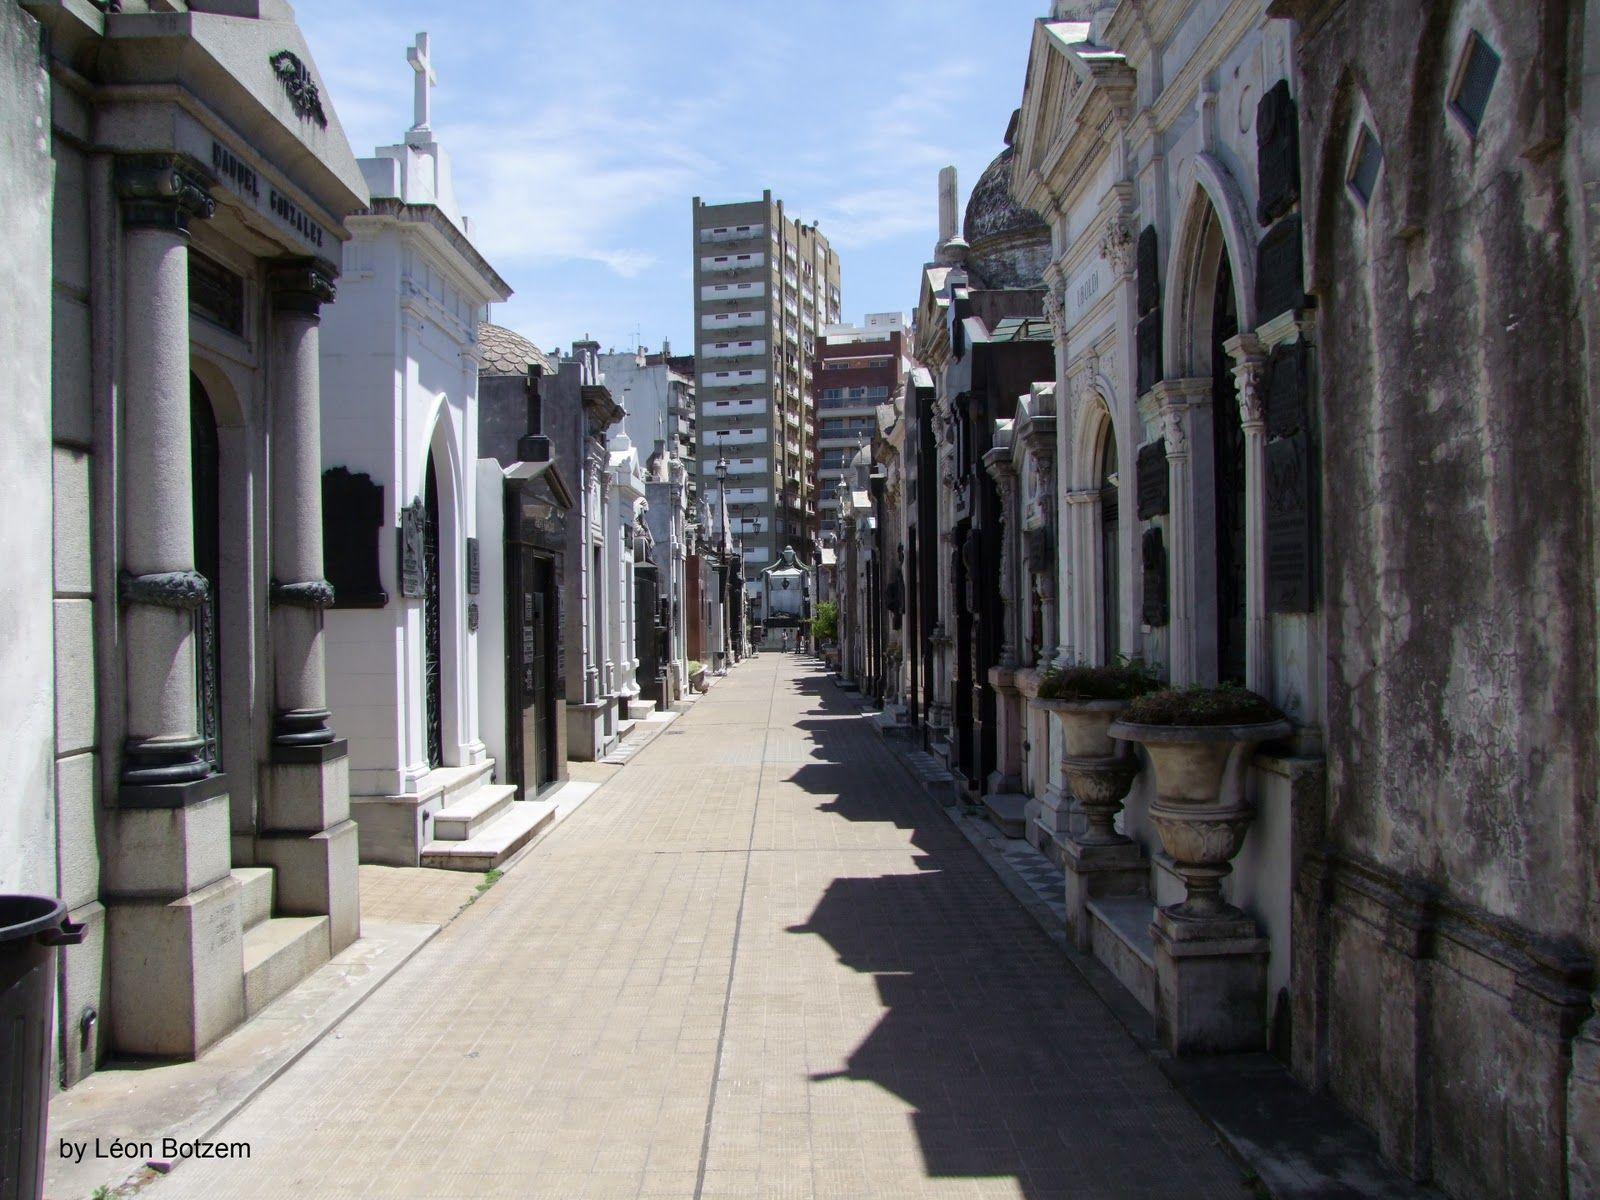 Häuser für die Ewigkeit - La Recoleta - Prominentenfriedhof in Buenos Aires, Argentinien